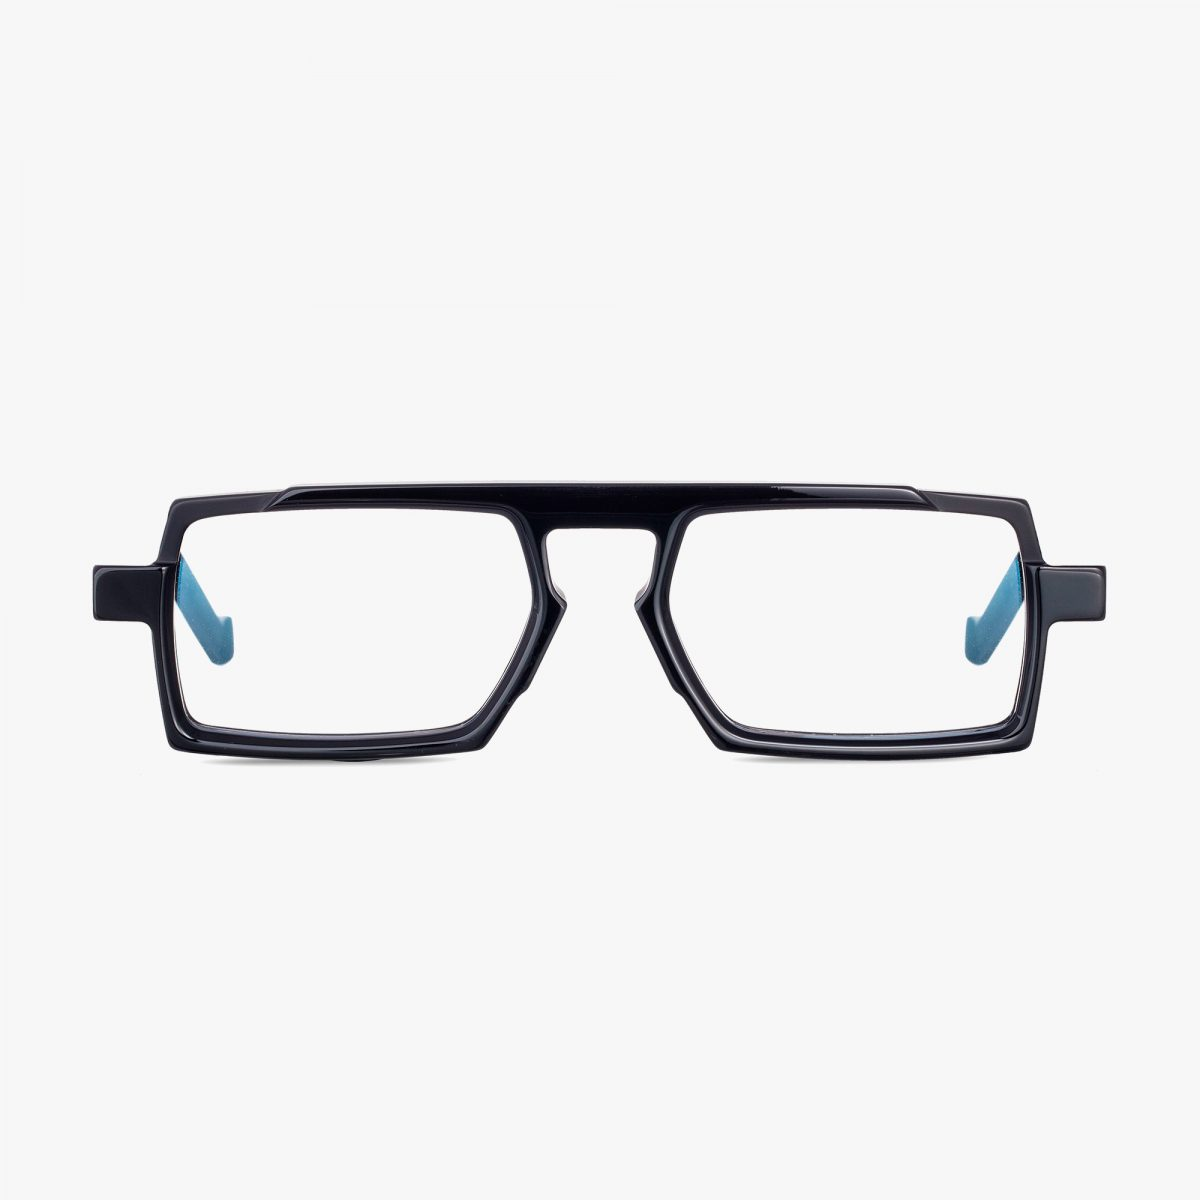 vava bl0022 black matte online shop optical frame